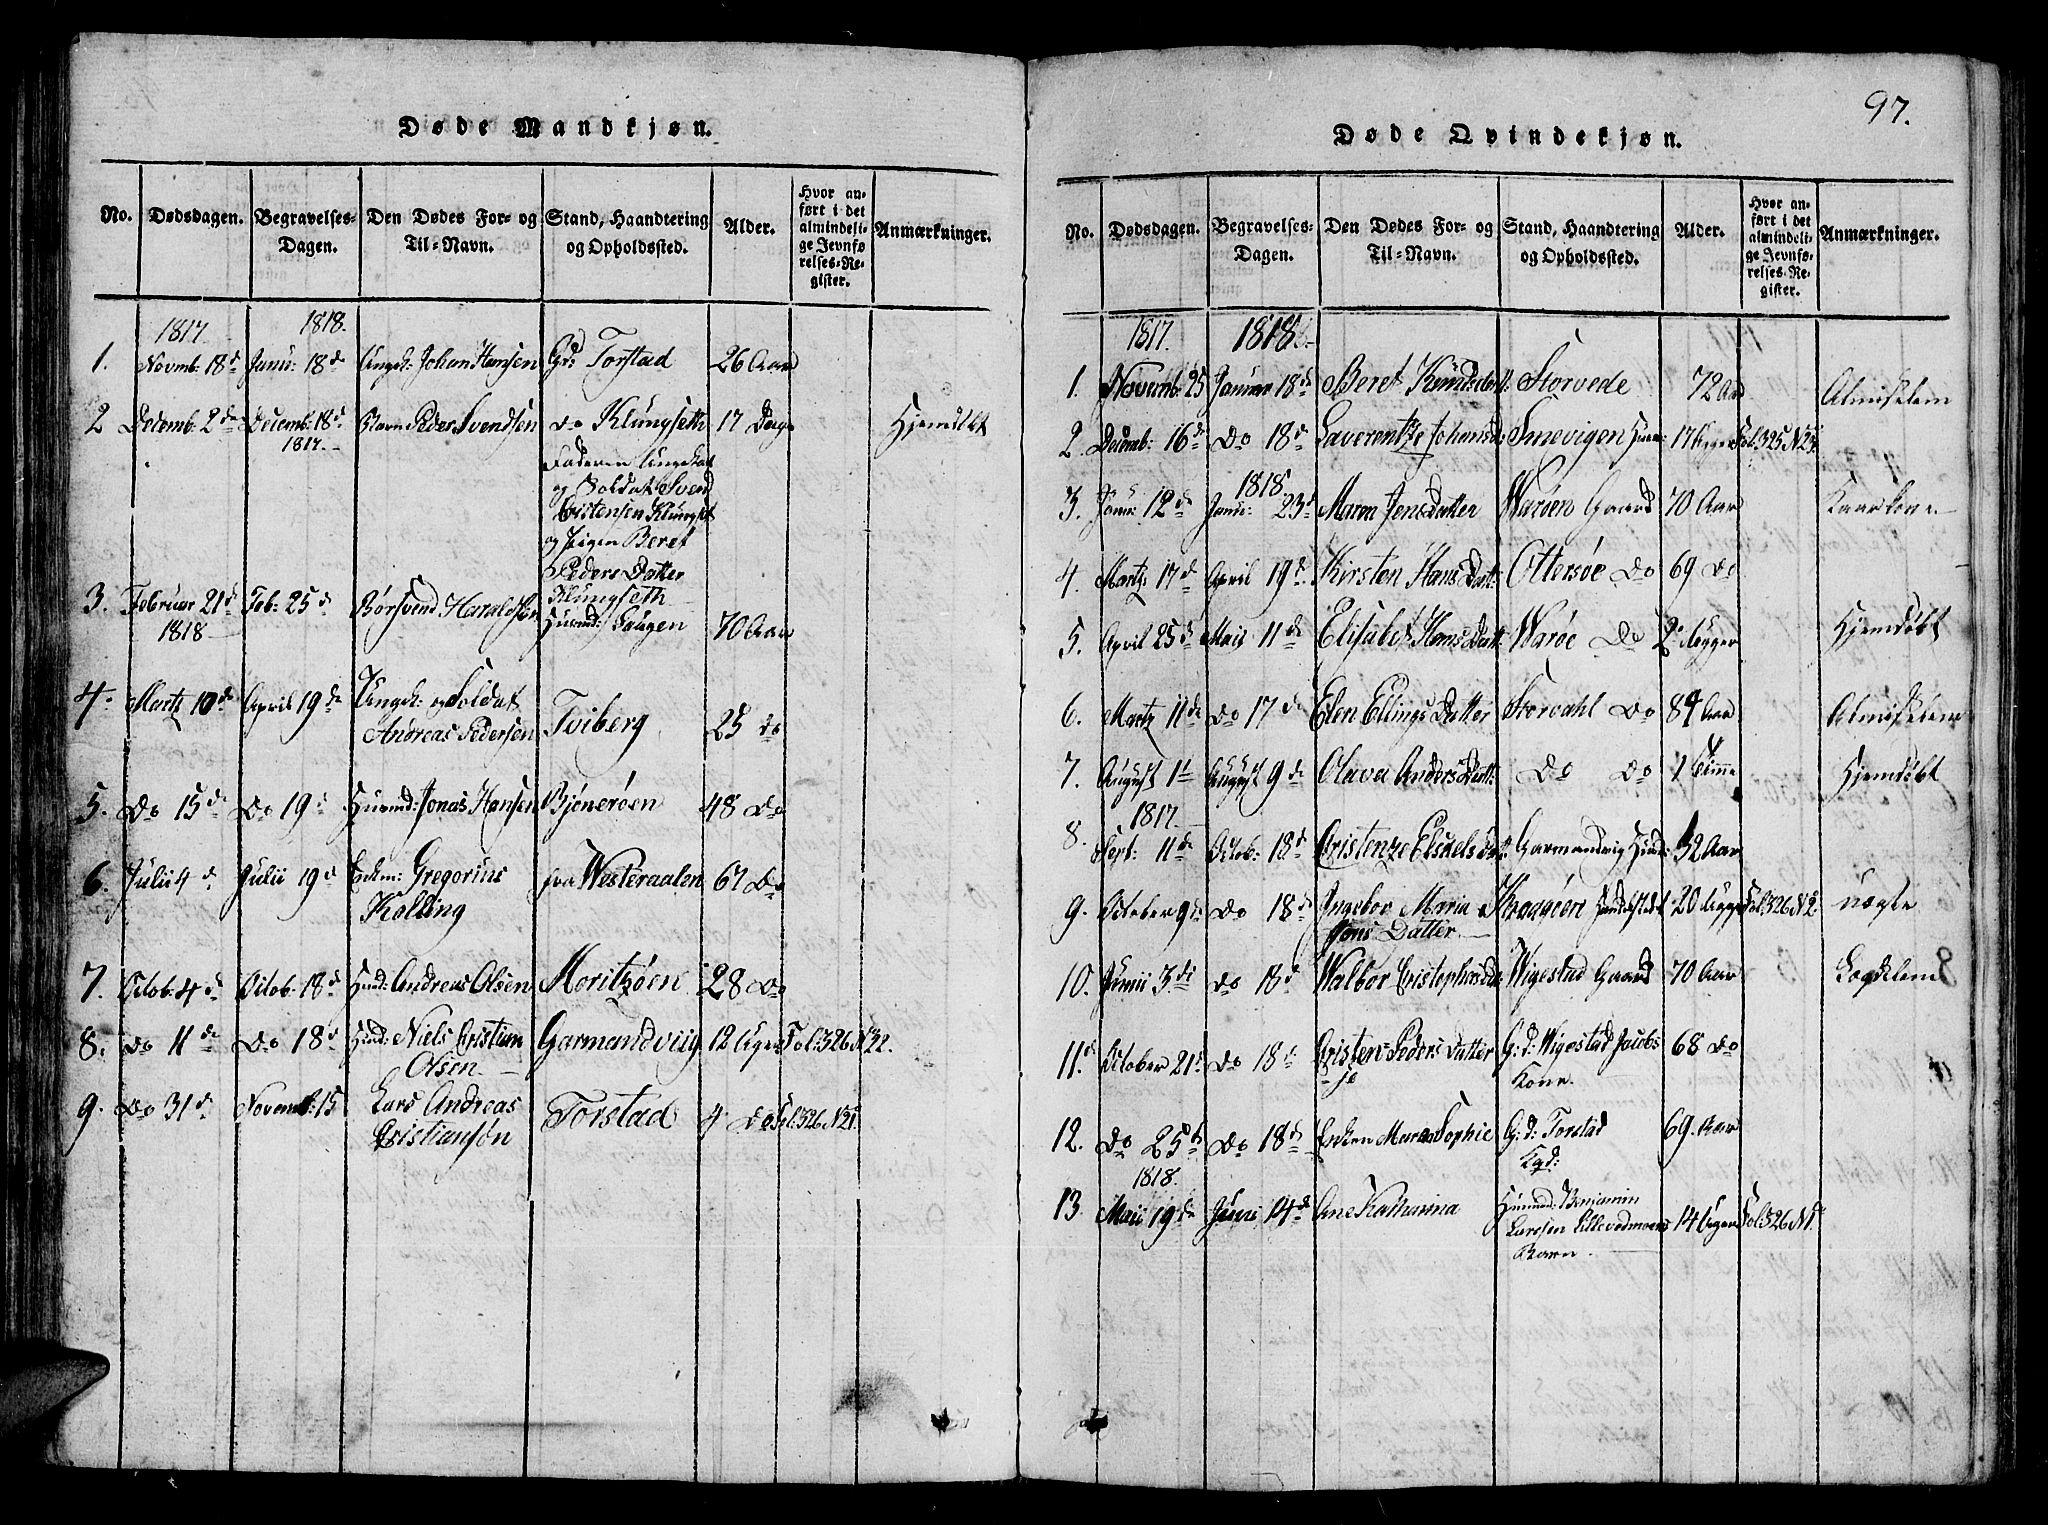 SAT, Ministerialprotokoller, klokkerbøker og fødselsregistre - Nord-Trøndelag, 784/L0667: Ministerialbok nr. 784A03 /1, 1816-1829, s. 97